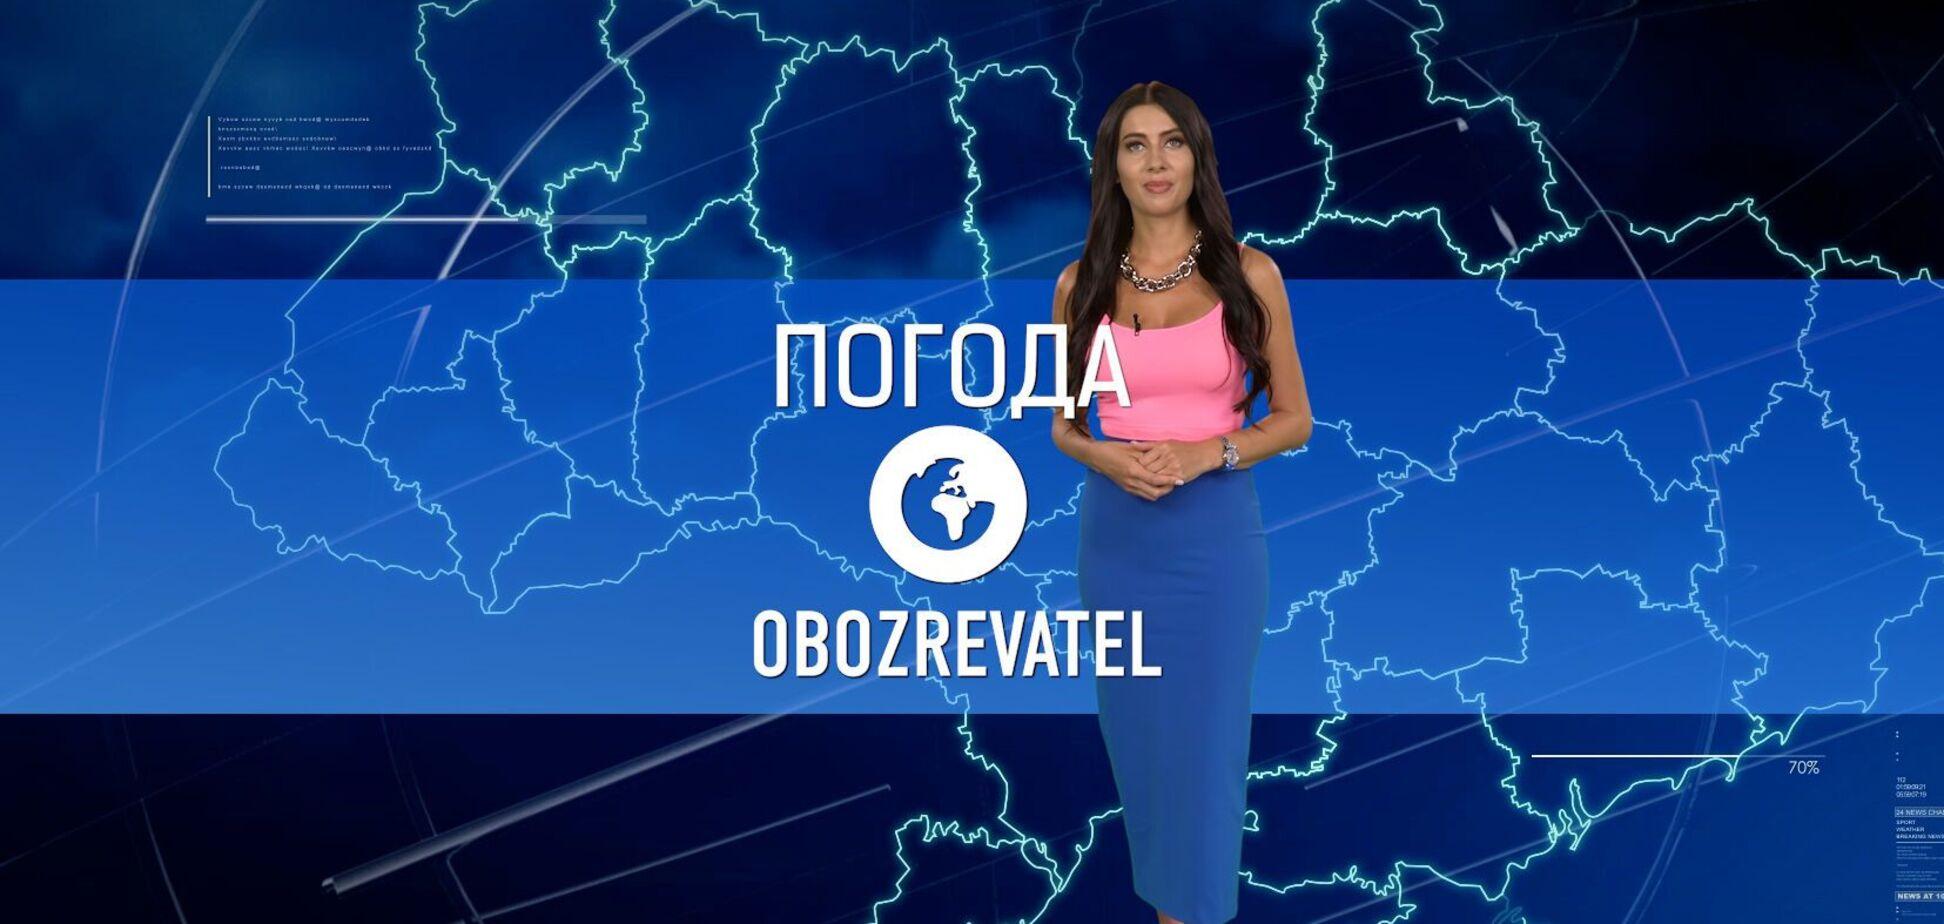 Прогноз погоды в Украине на суботу, 7 августа, с Алисой Мярковской